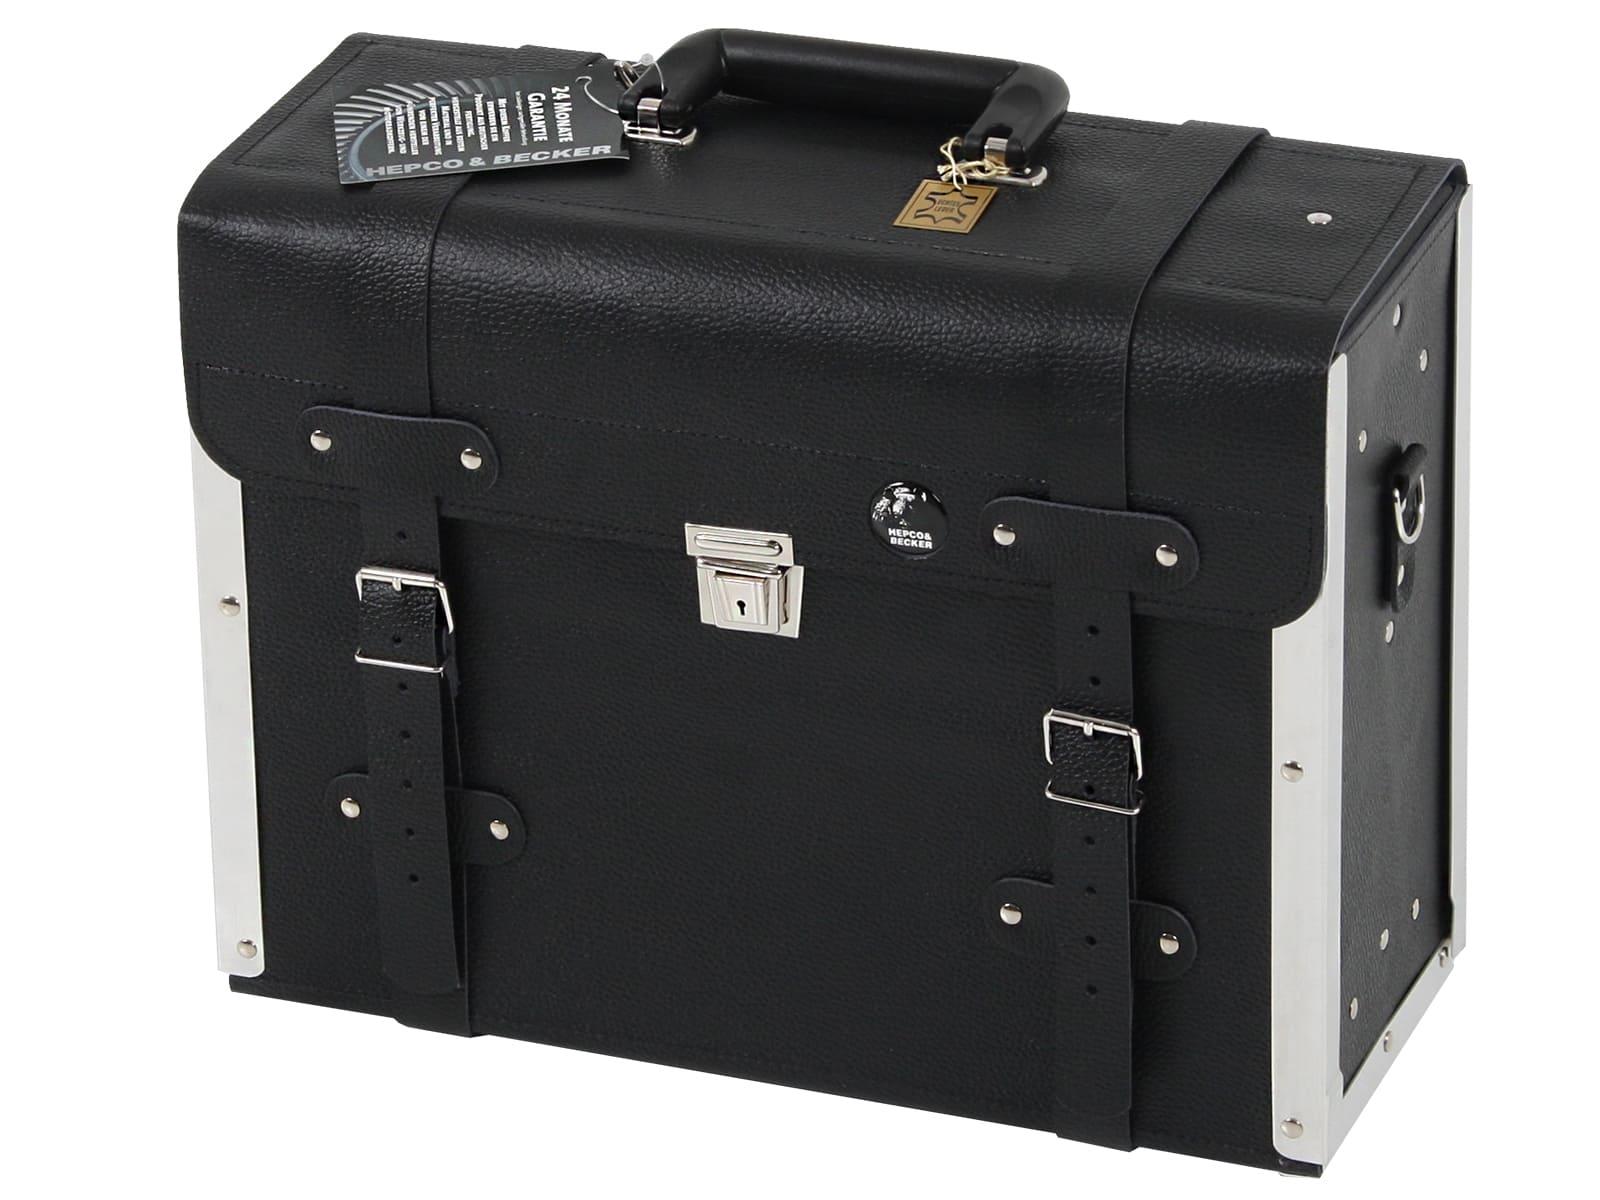 Werkzeugtasche Favorit Pro 7121